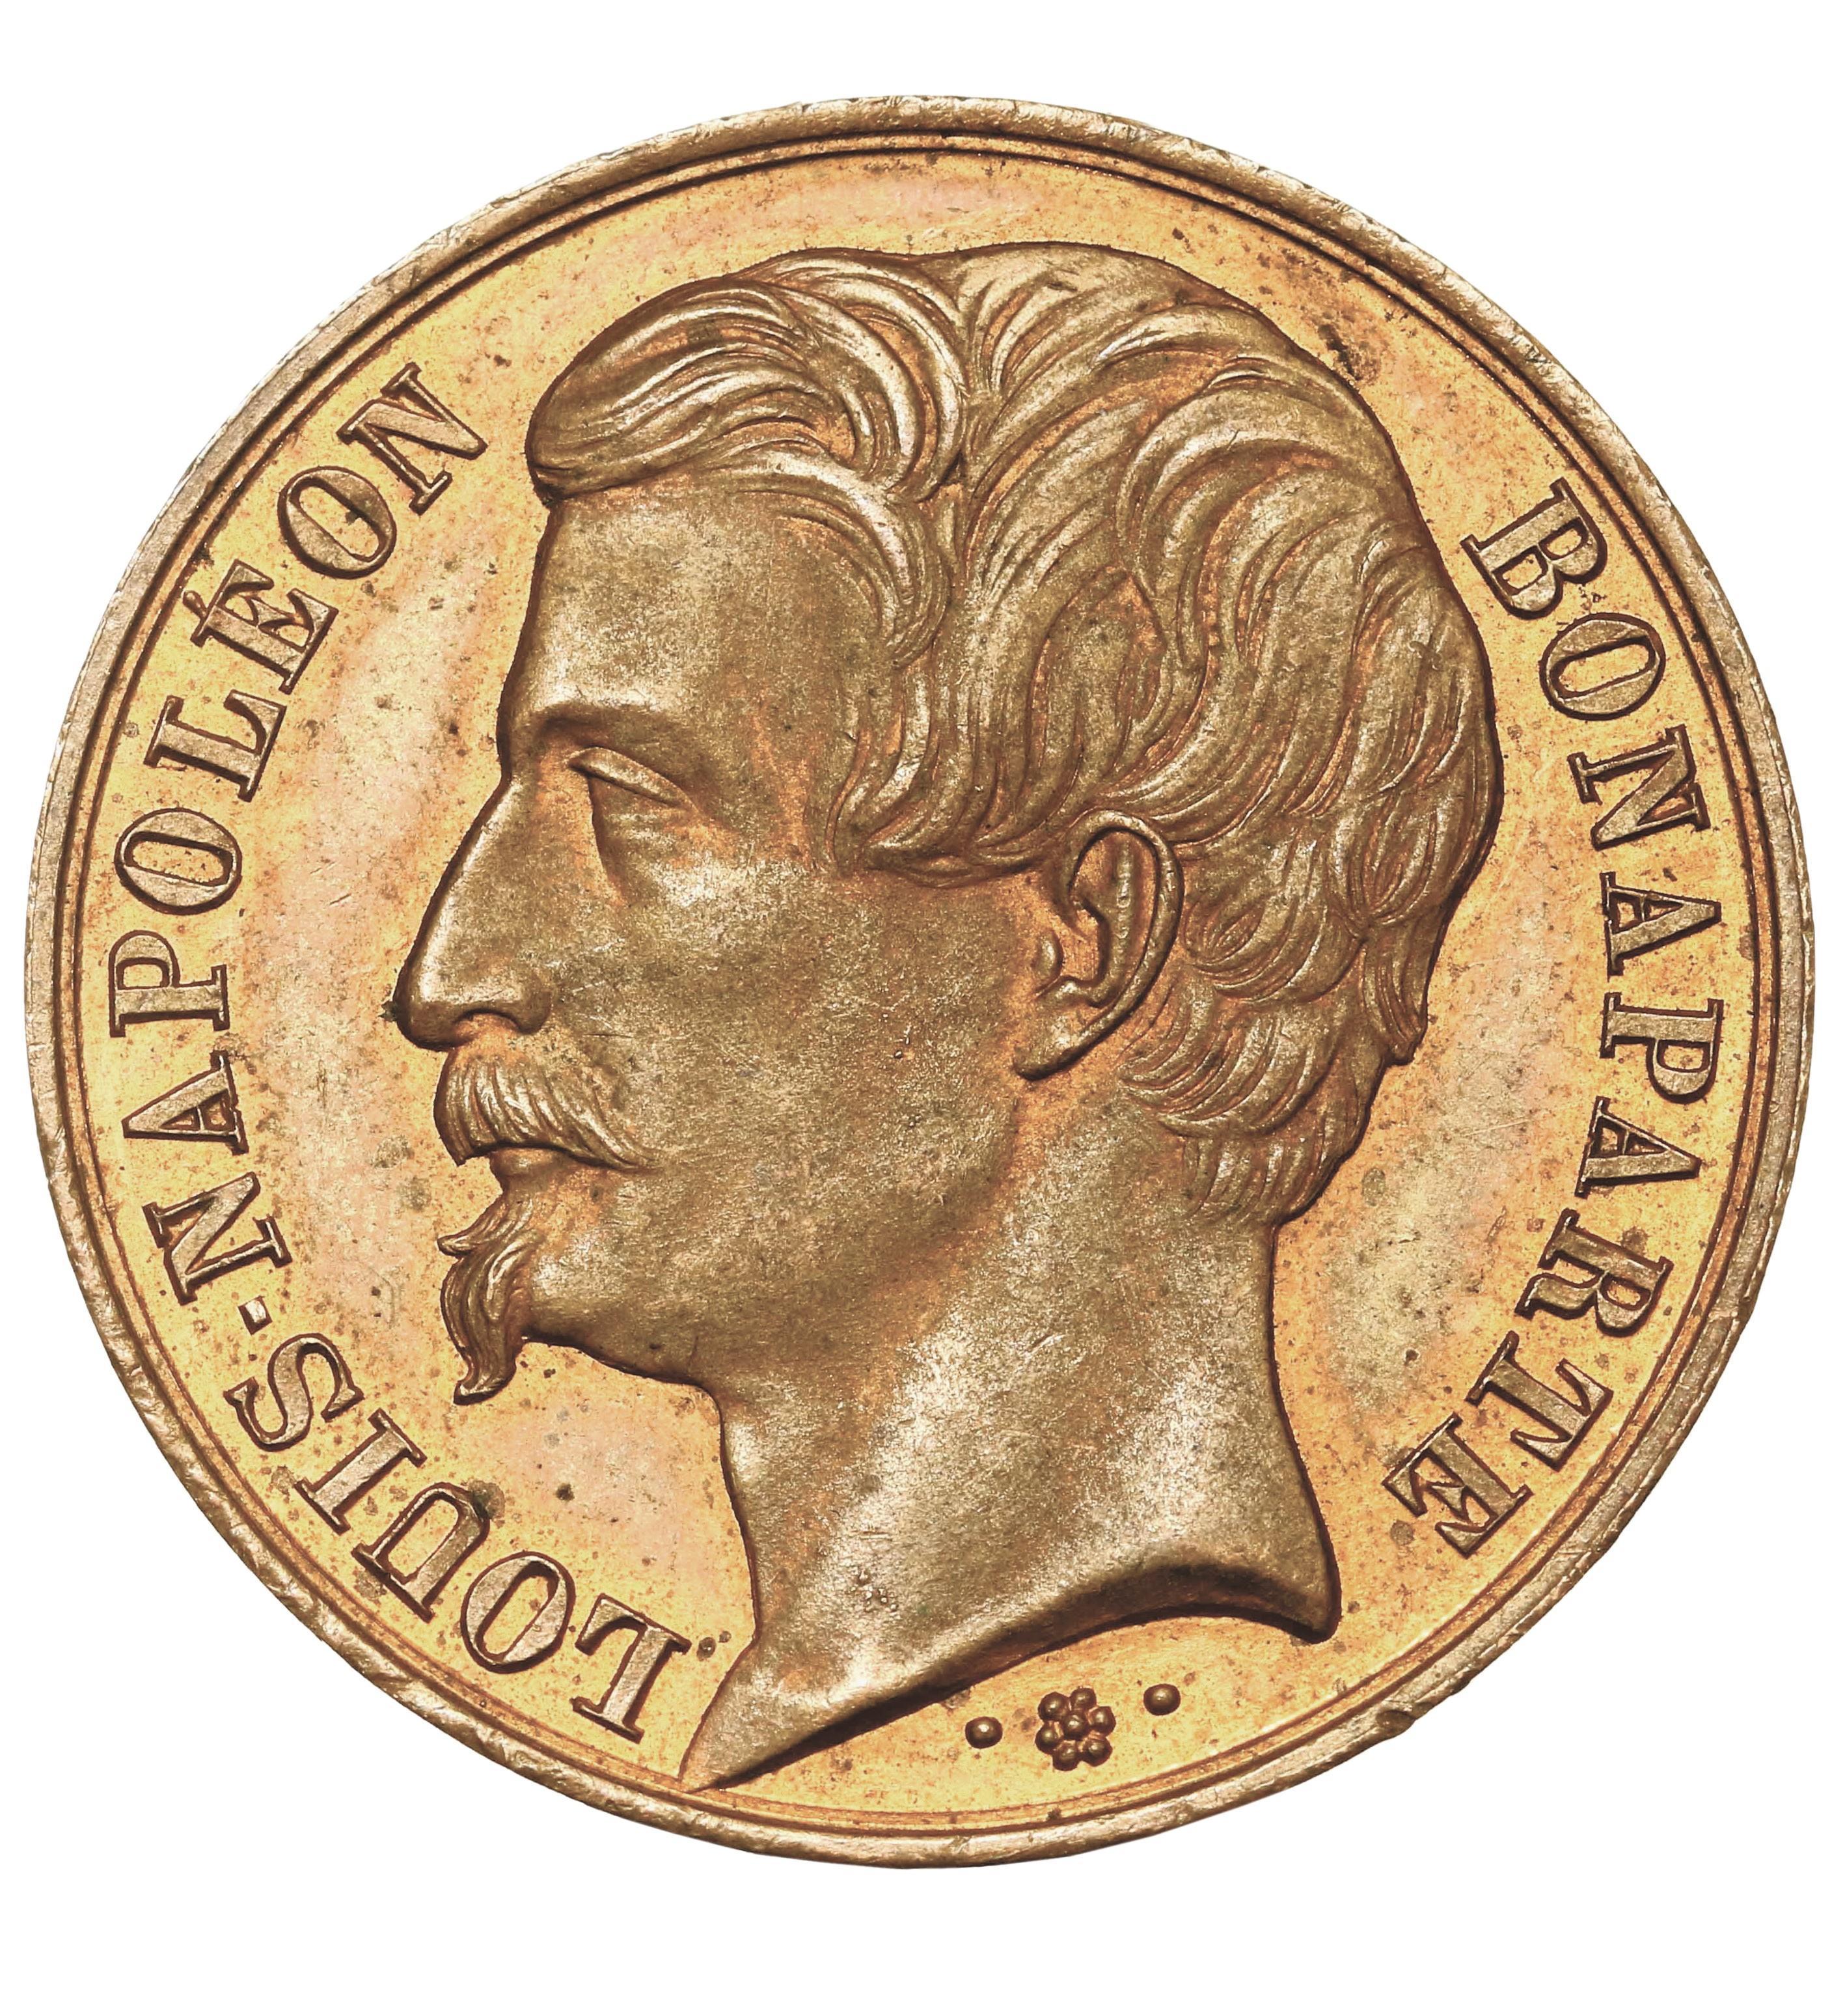 Médaille frappée en janvier 1849, face